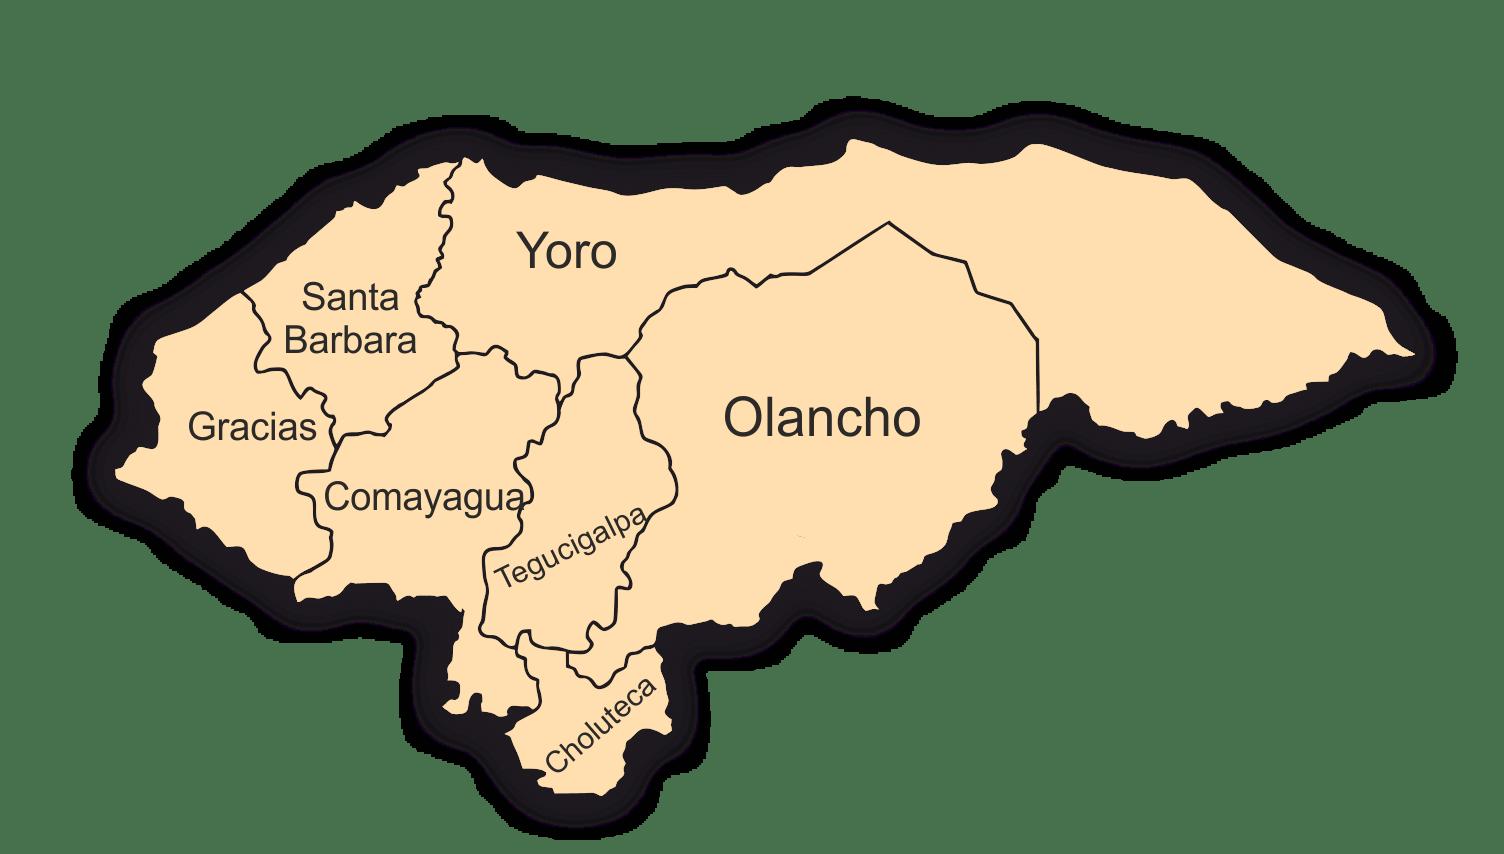 mapa-de-la-conquista-de-honduras